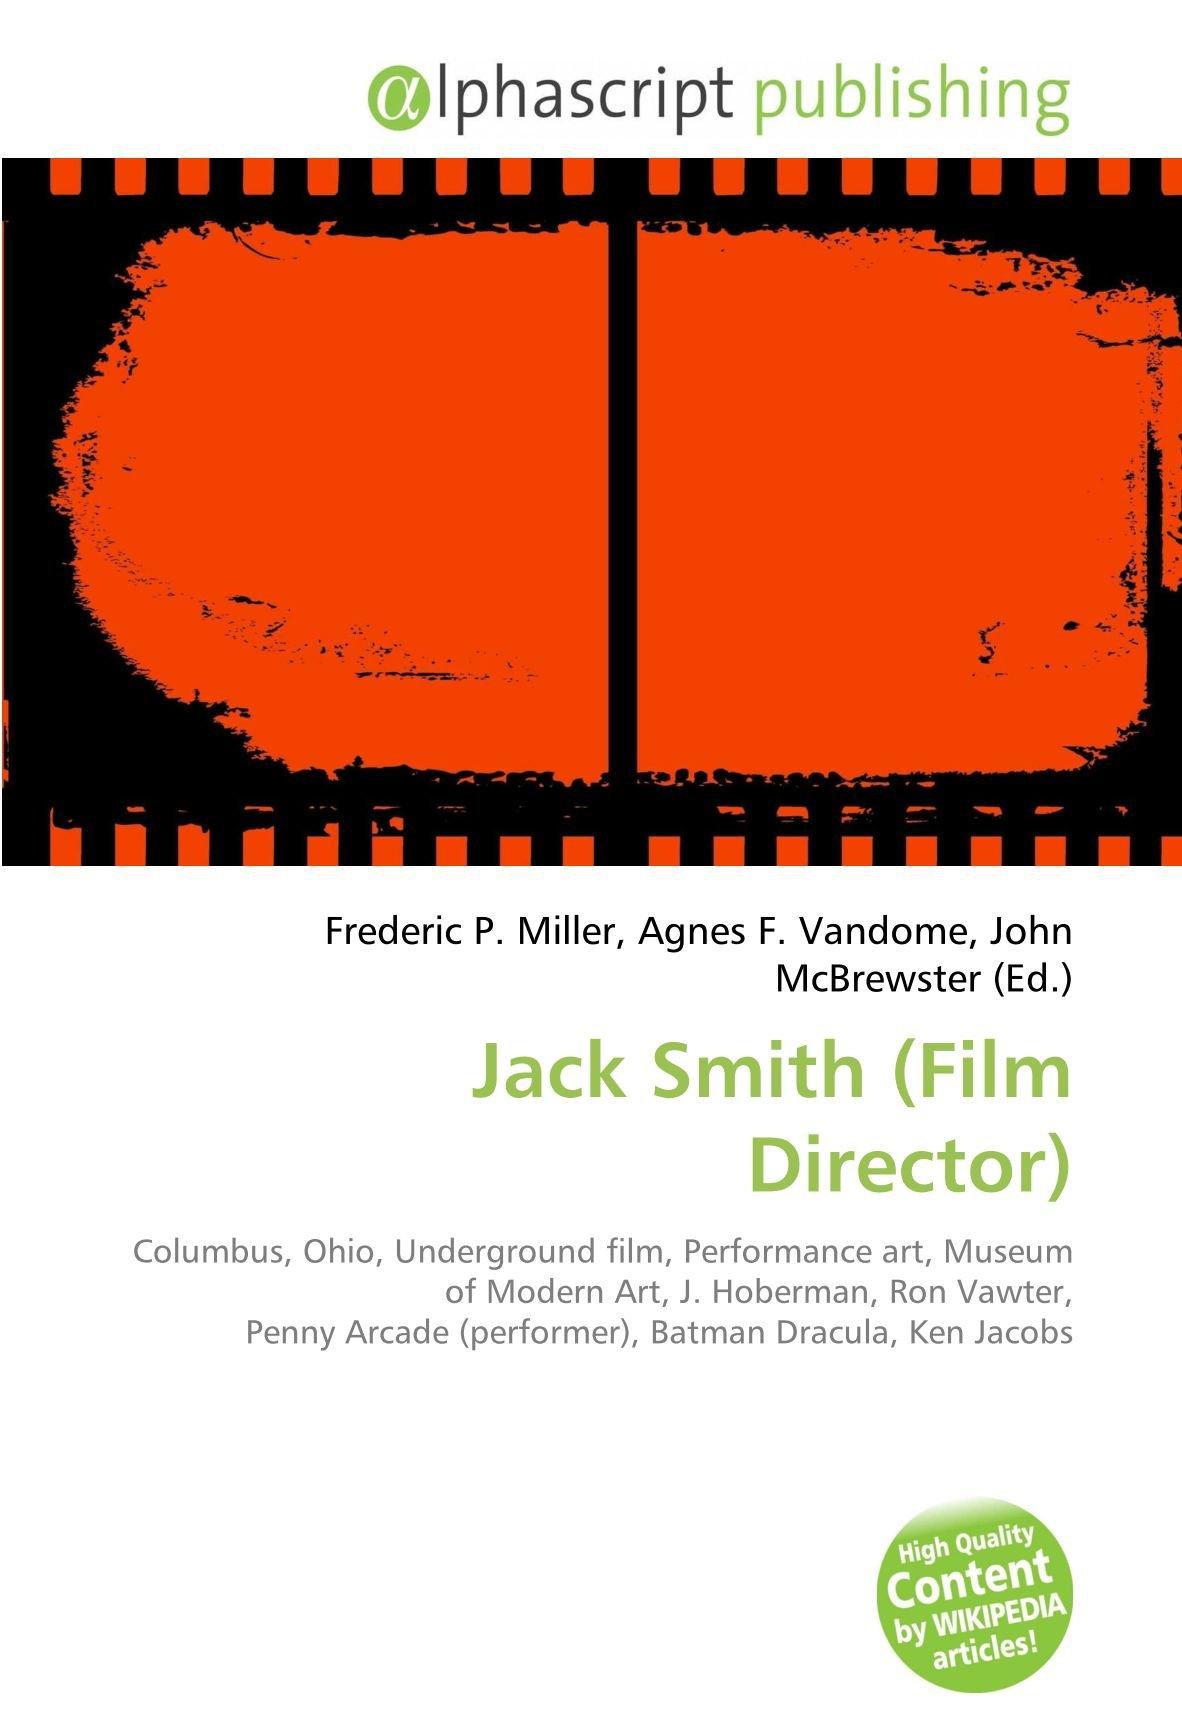 Jack Smith Film Director : Columbus, Ohio, Underground film ...